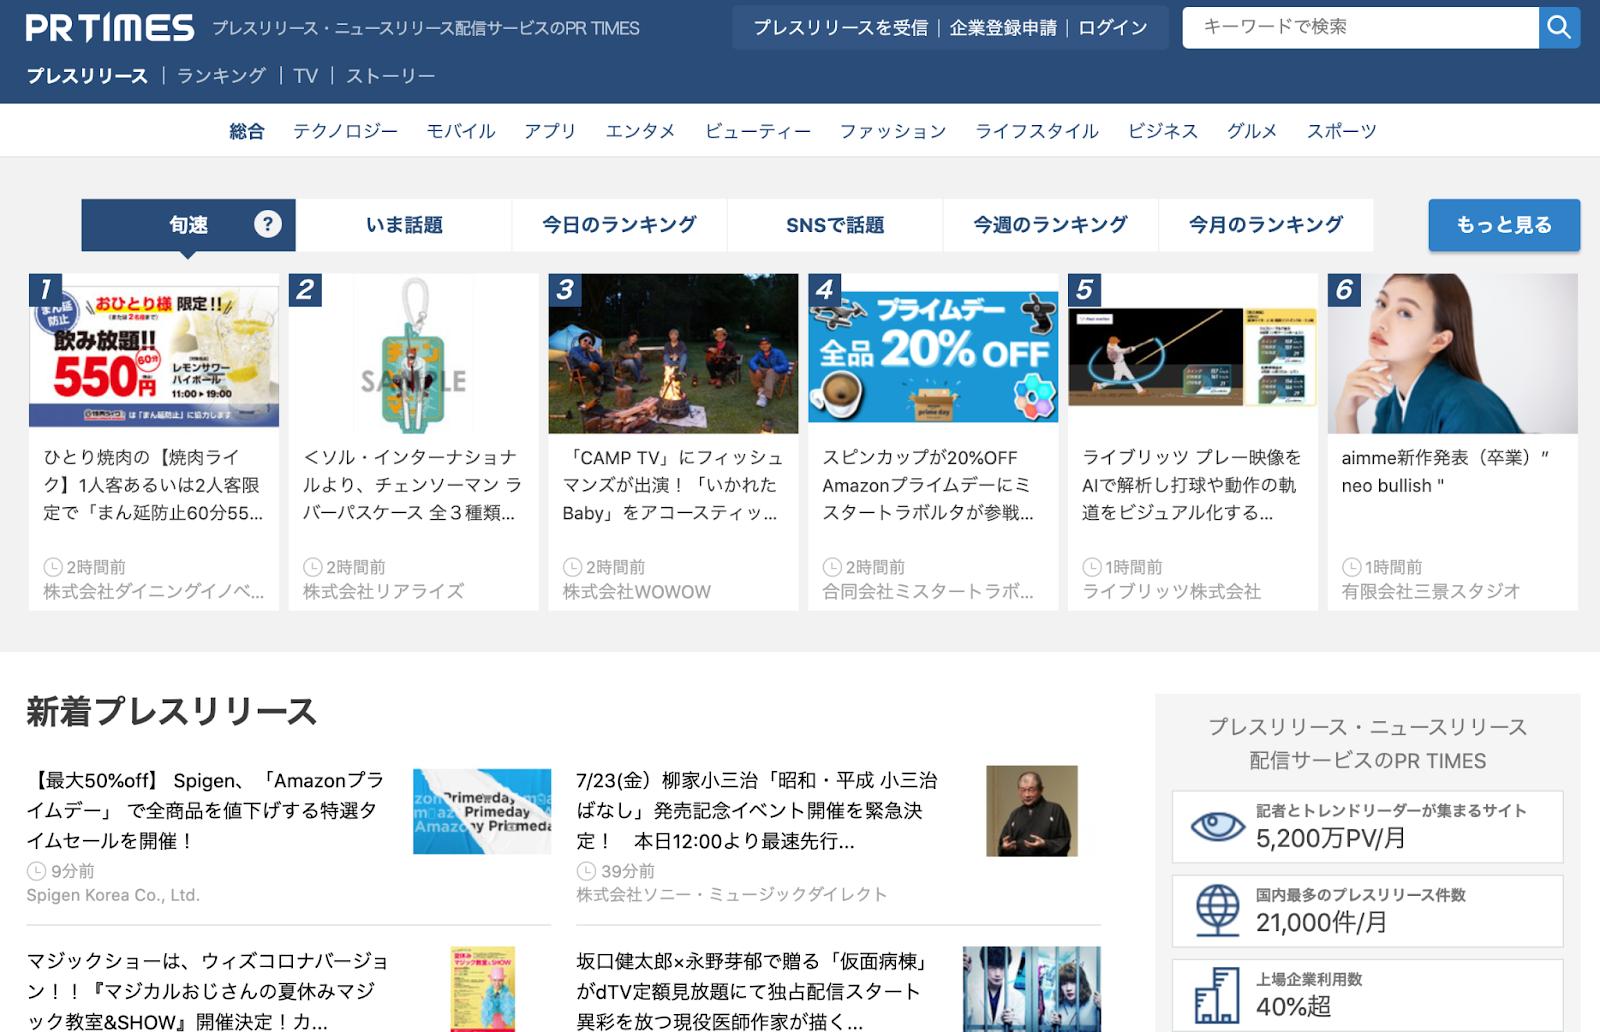 PR TIMESのトップ画面